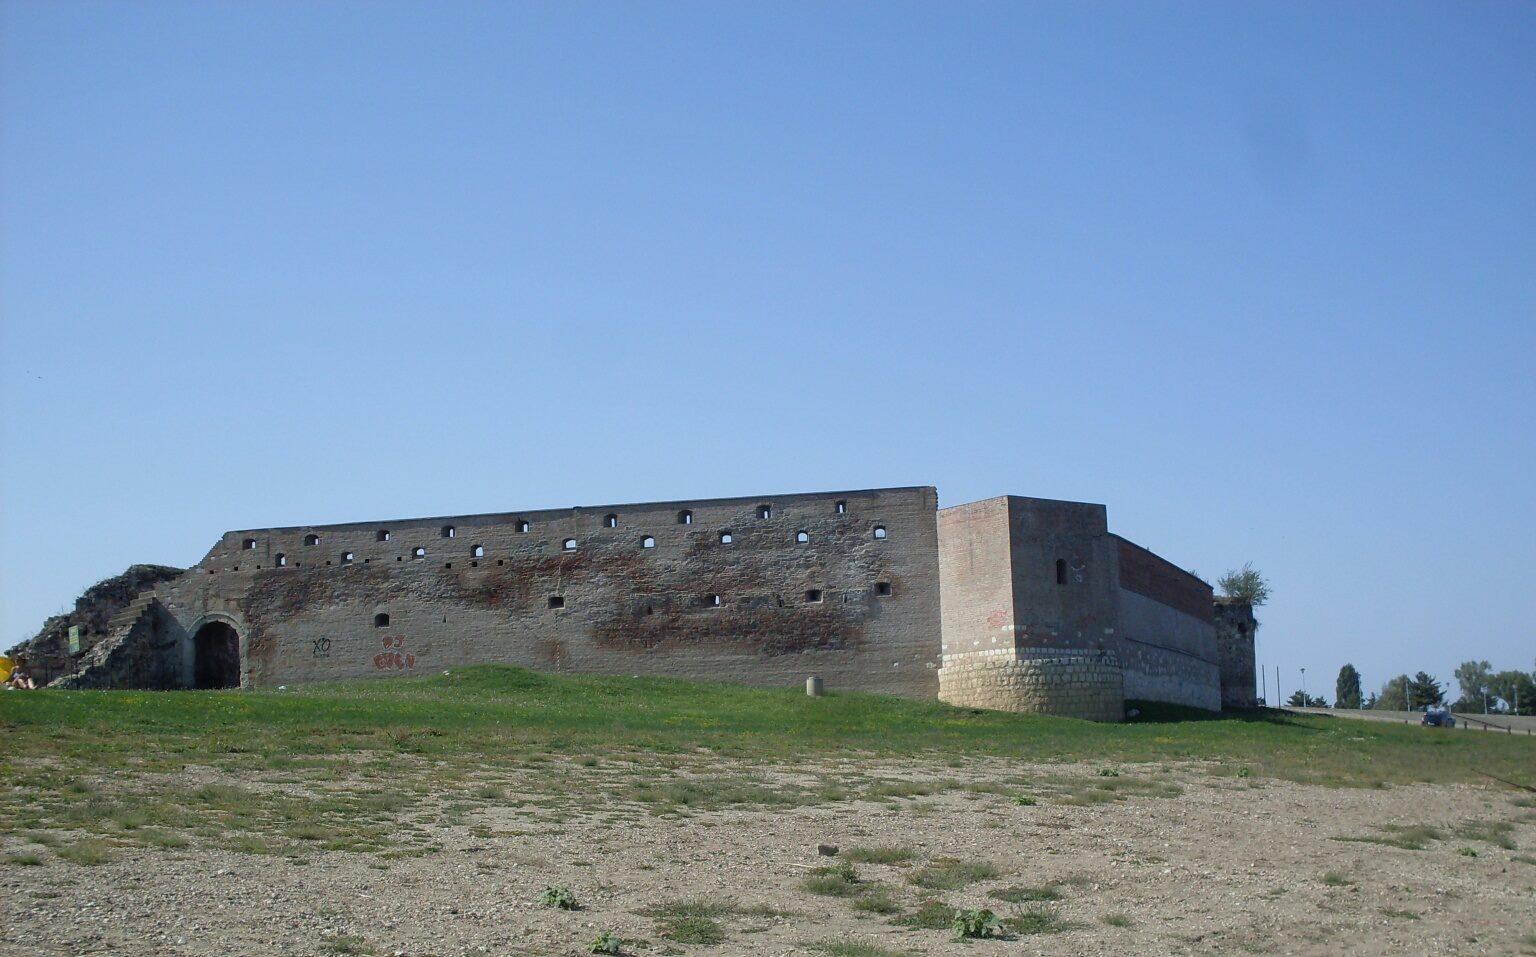 Izgled tvrđave. Foto: Suzana Janković